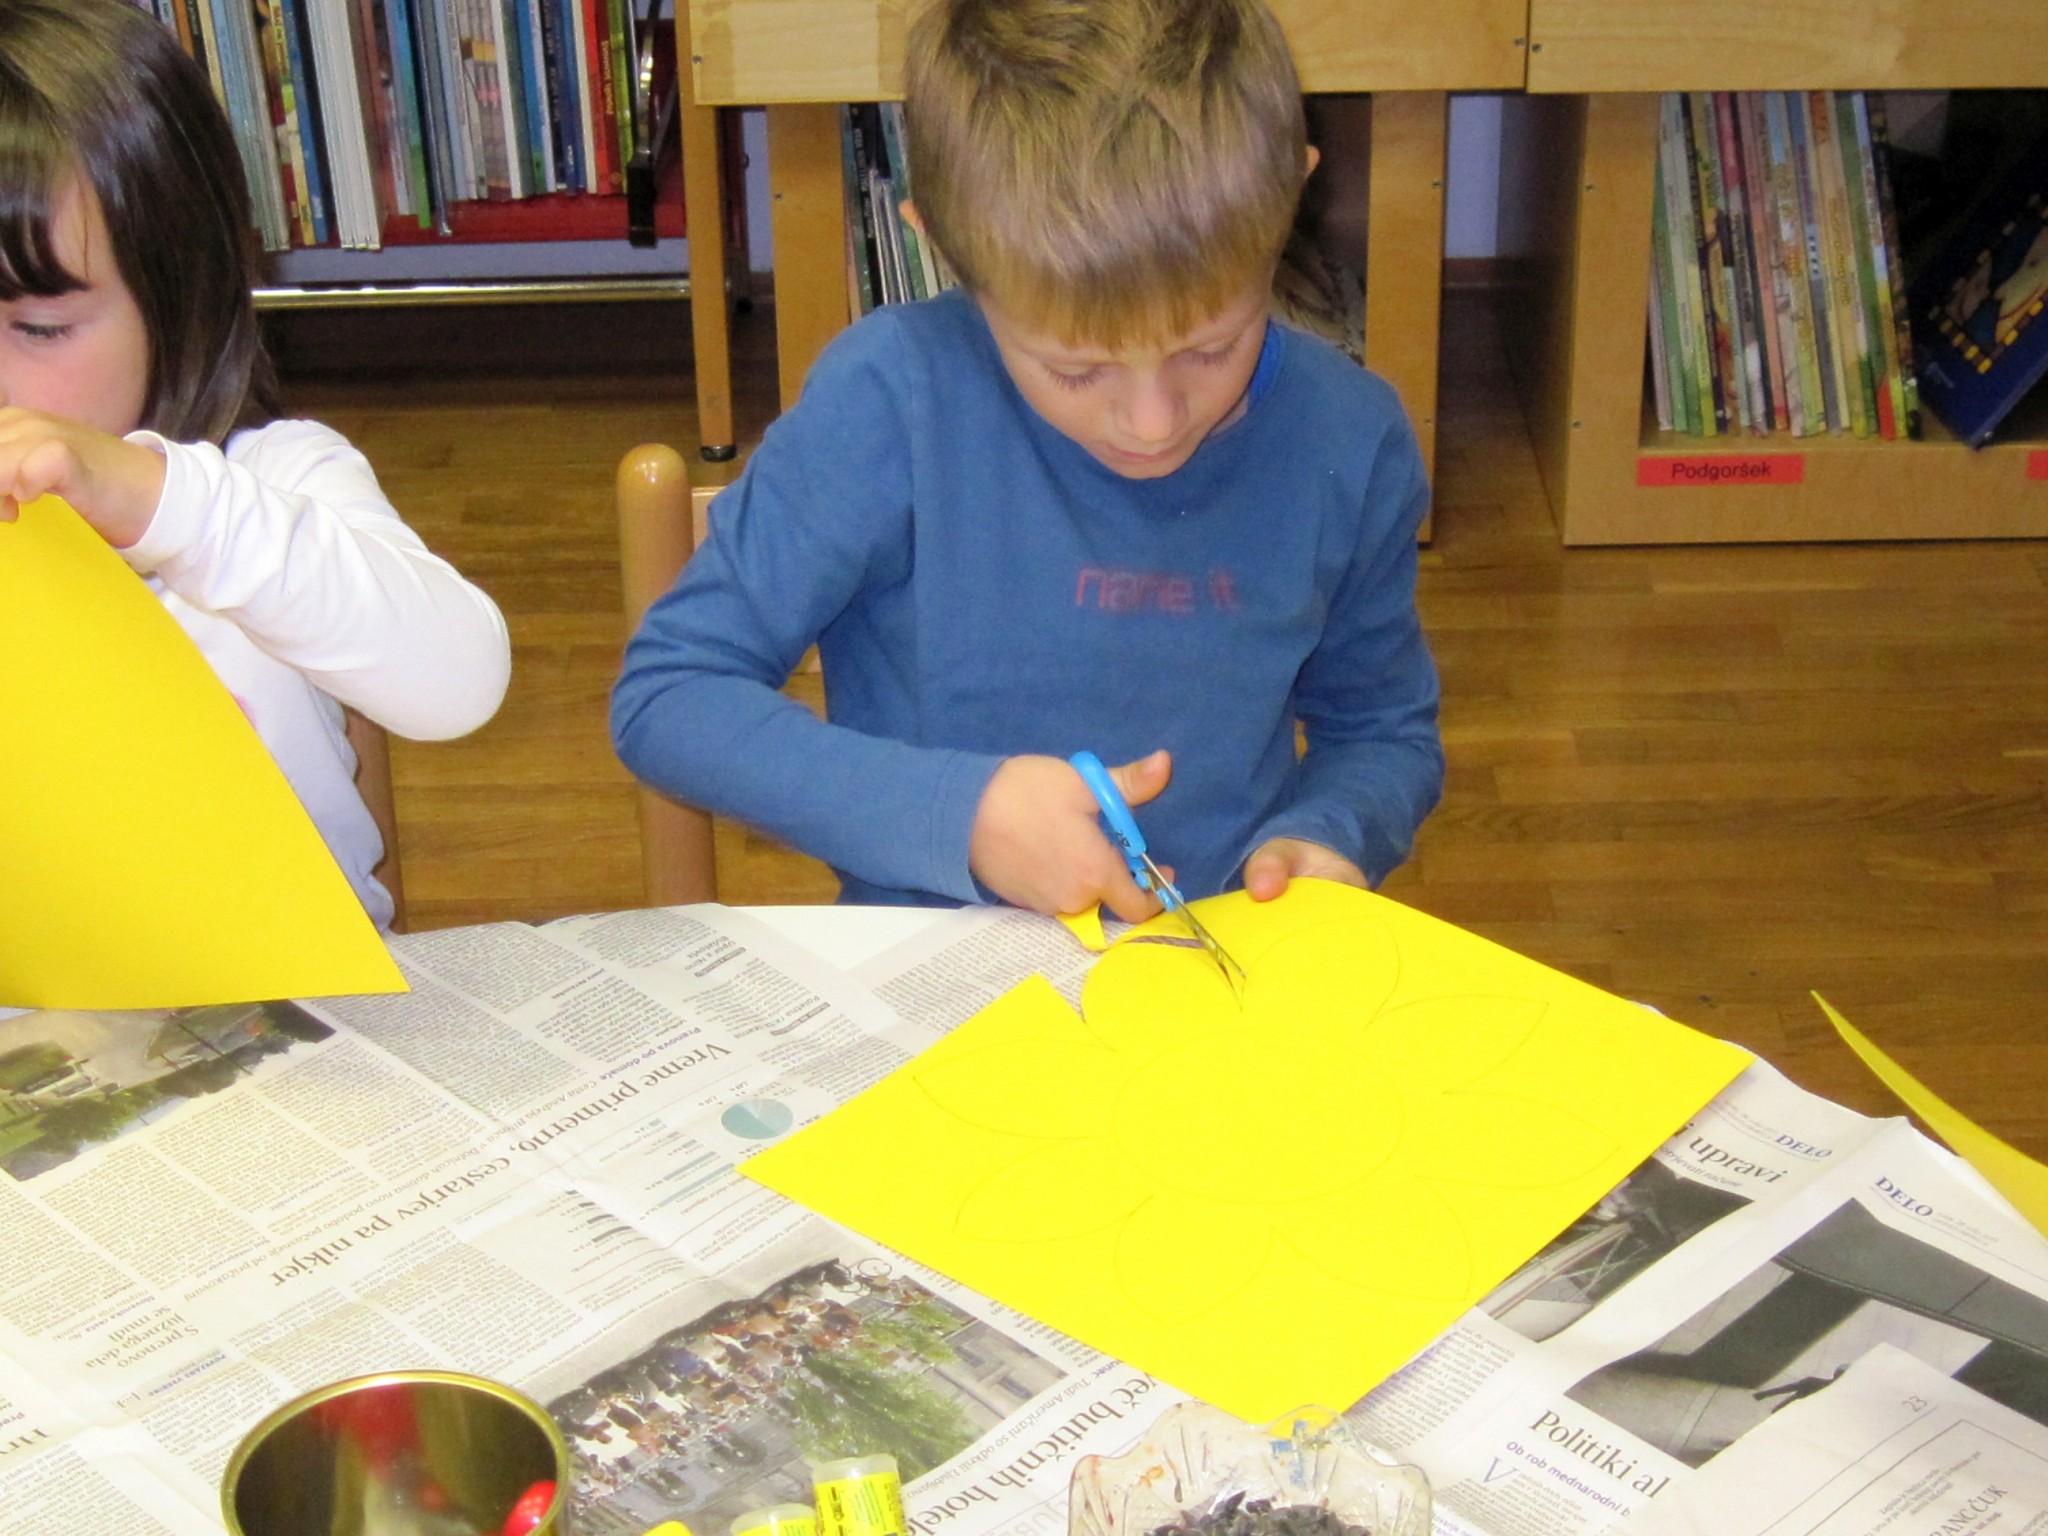 IMG 2293 - Pravljična urica z ustvarjalno delavnico za otroke od 4. leta dalje